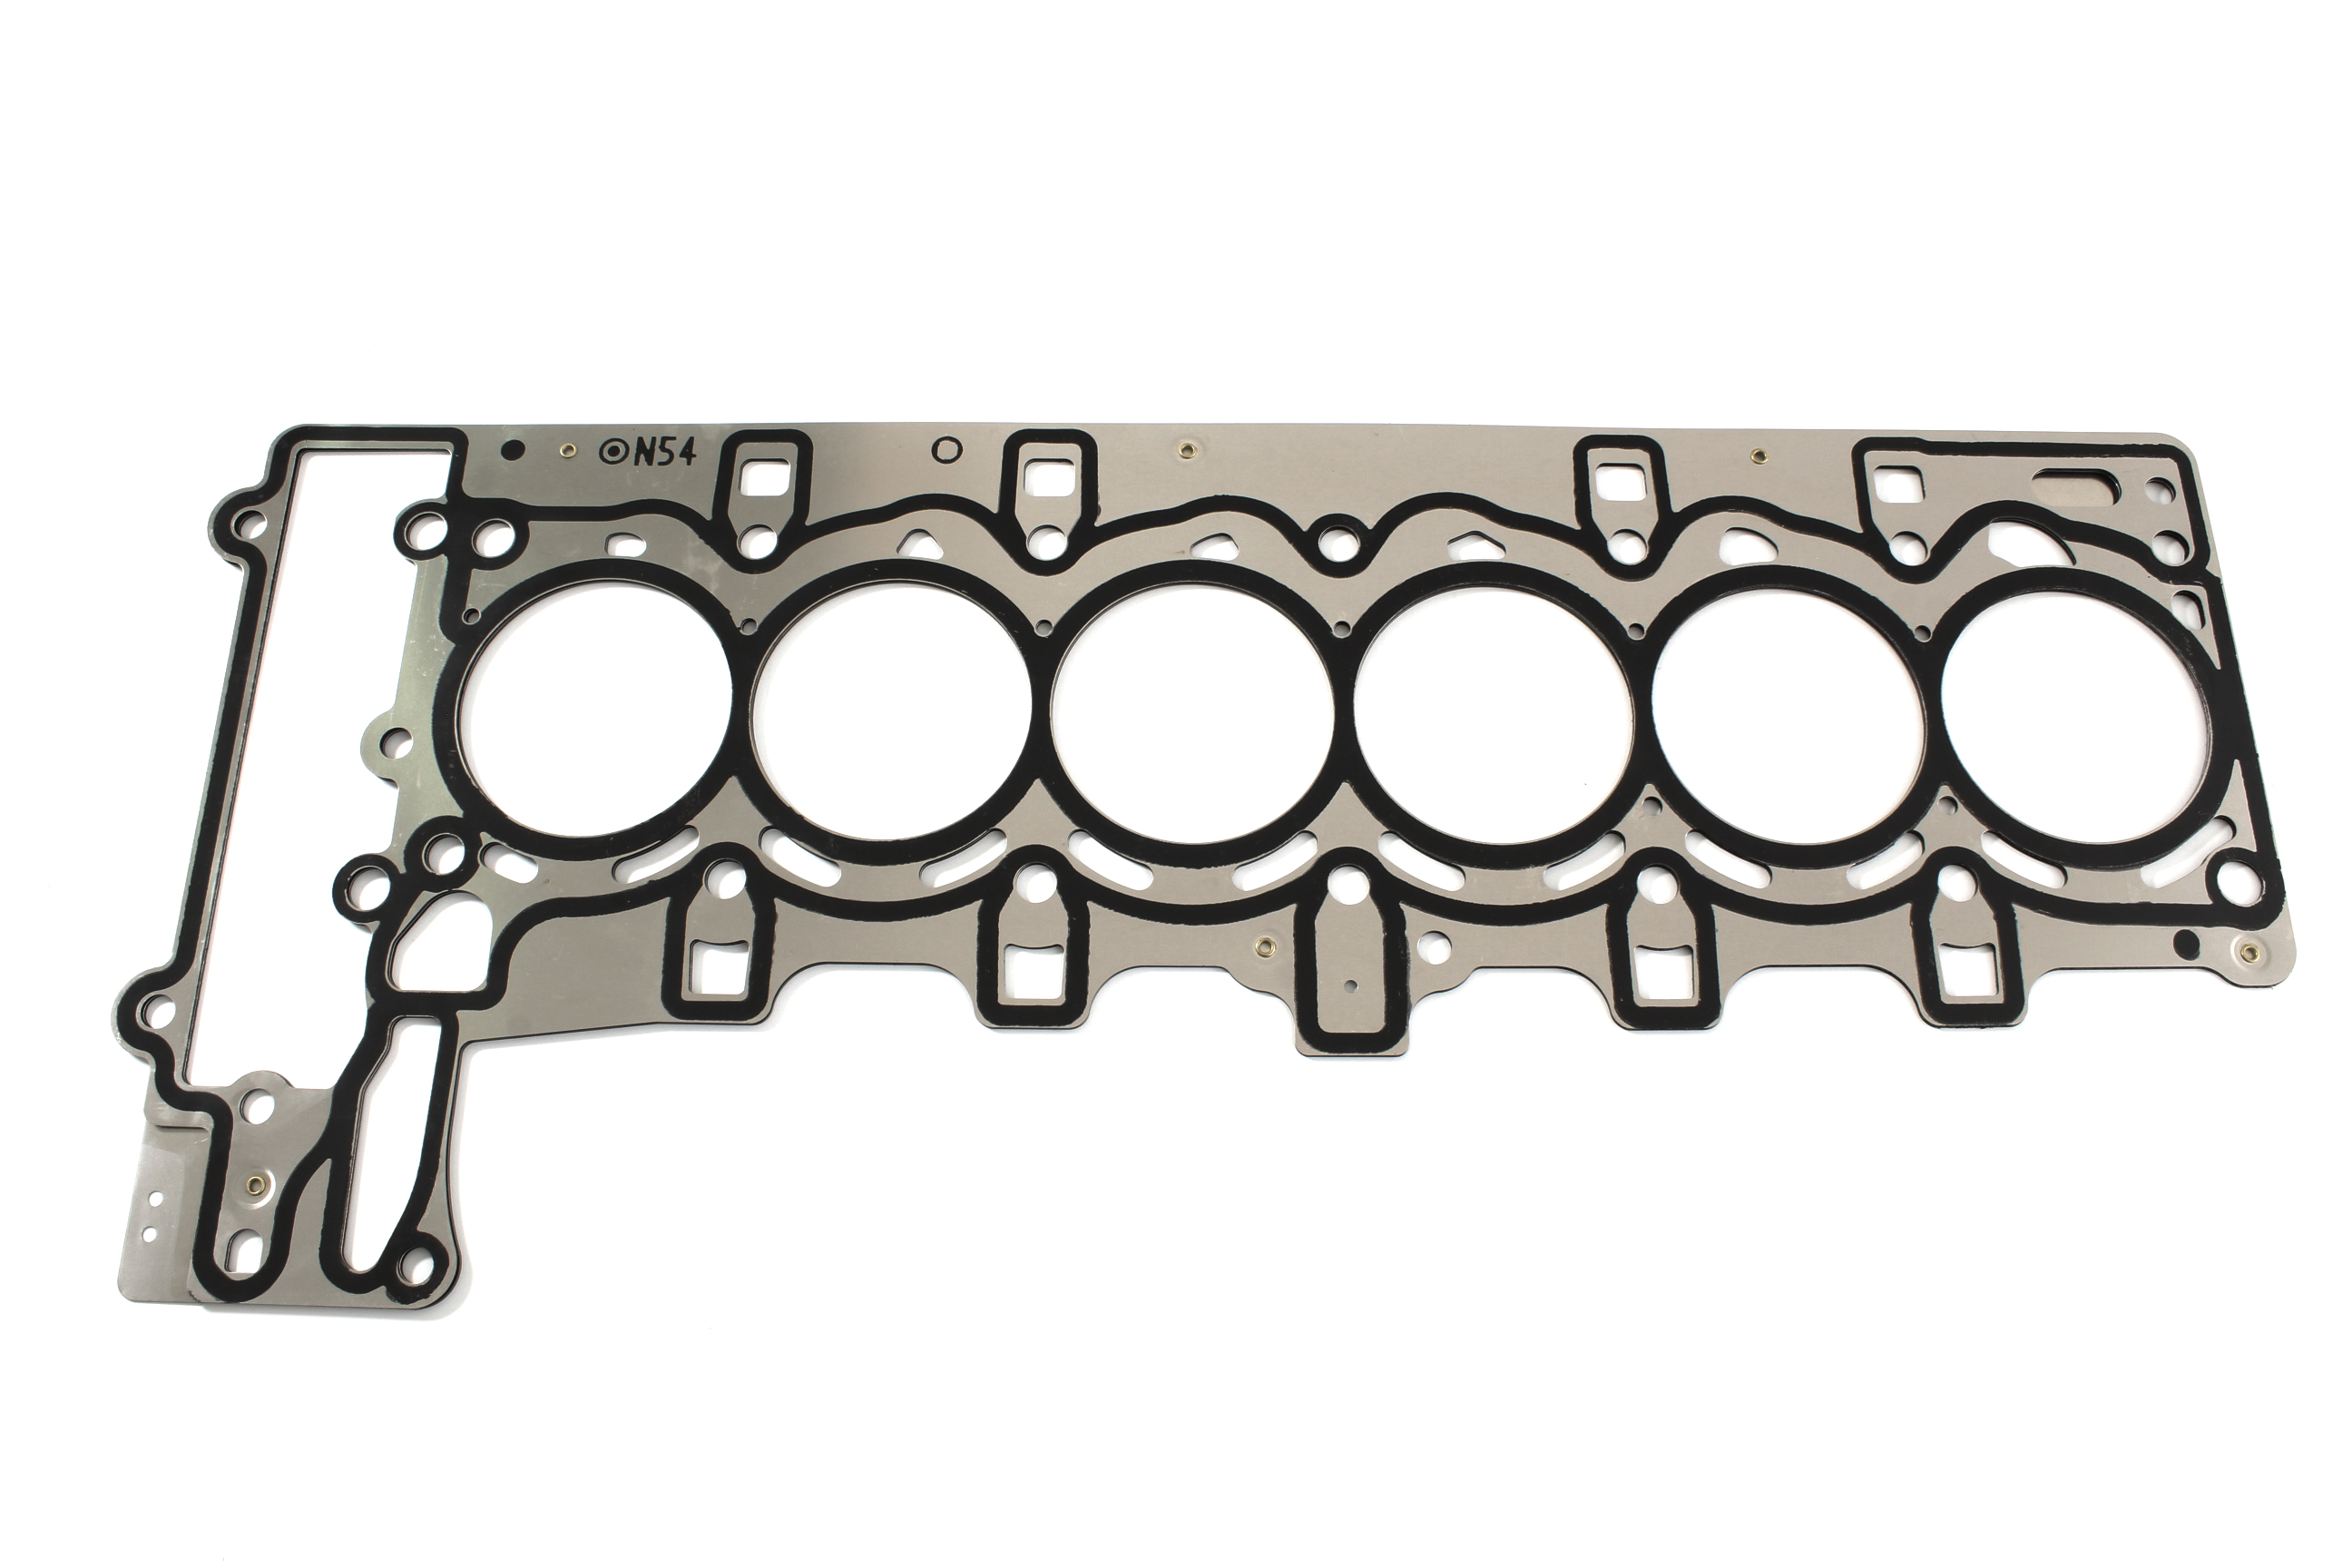 Junta da cabeça do cilindro BMW série 3 E90 E91 E92 E93 325 i 2.5 N52B25 11127555755 NOVO